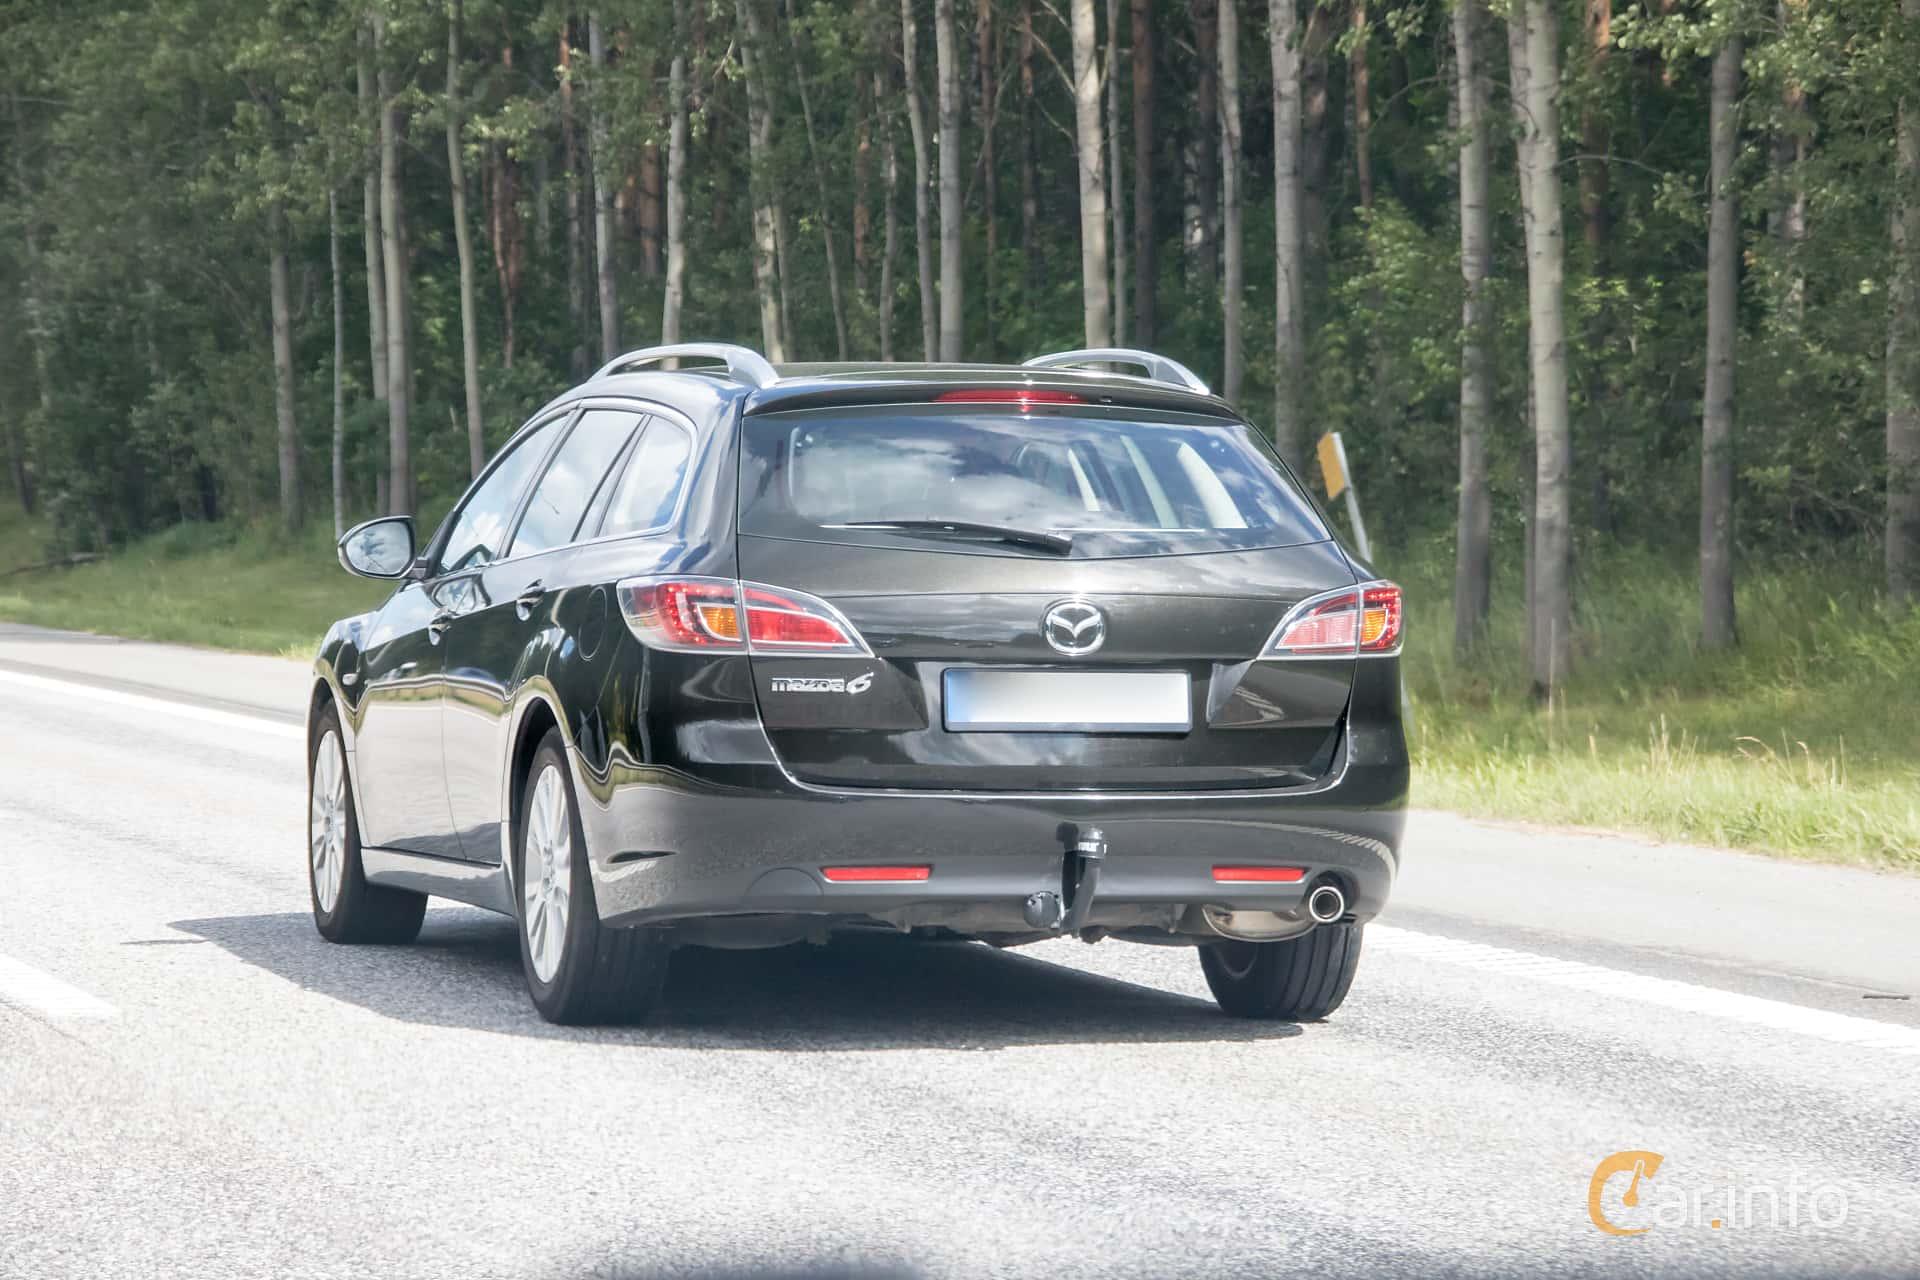 1 images of Mazda 6 Wagon 2.0 Manual, 140hp, 2008 by sebastianjohansson